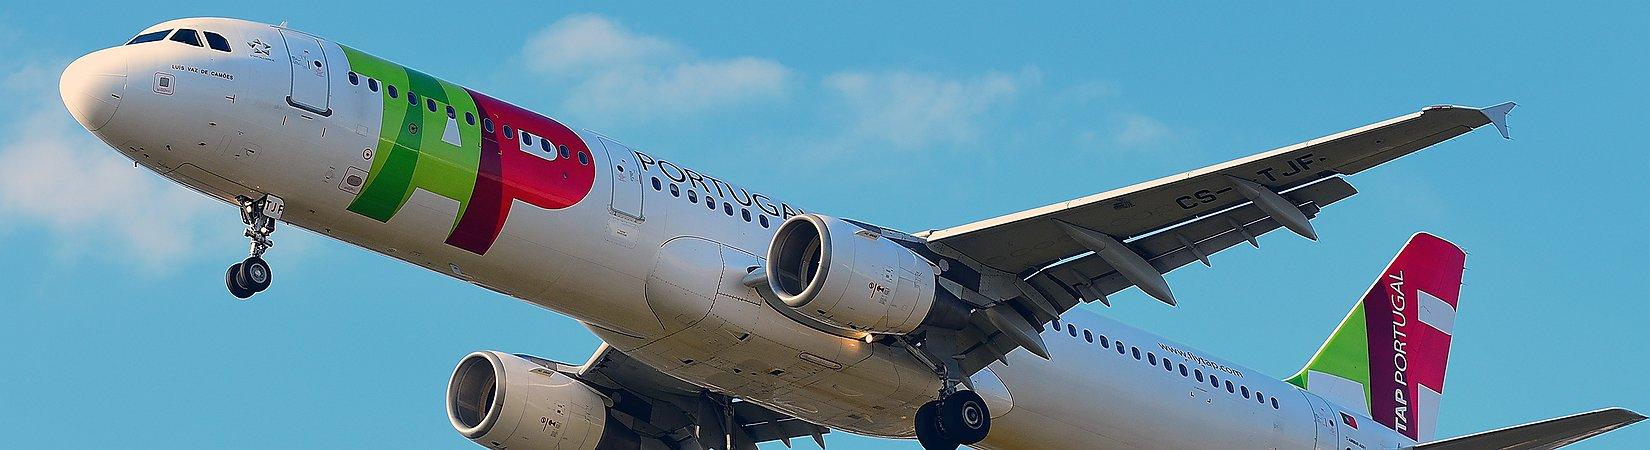 TAP: 51º lugar em ranking das melhores companhias aéreas